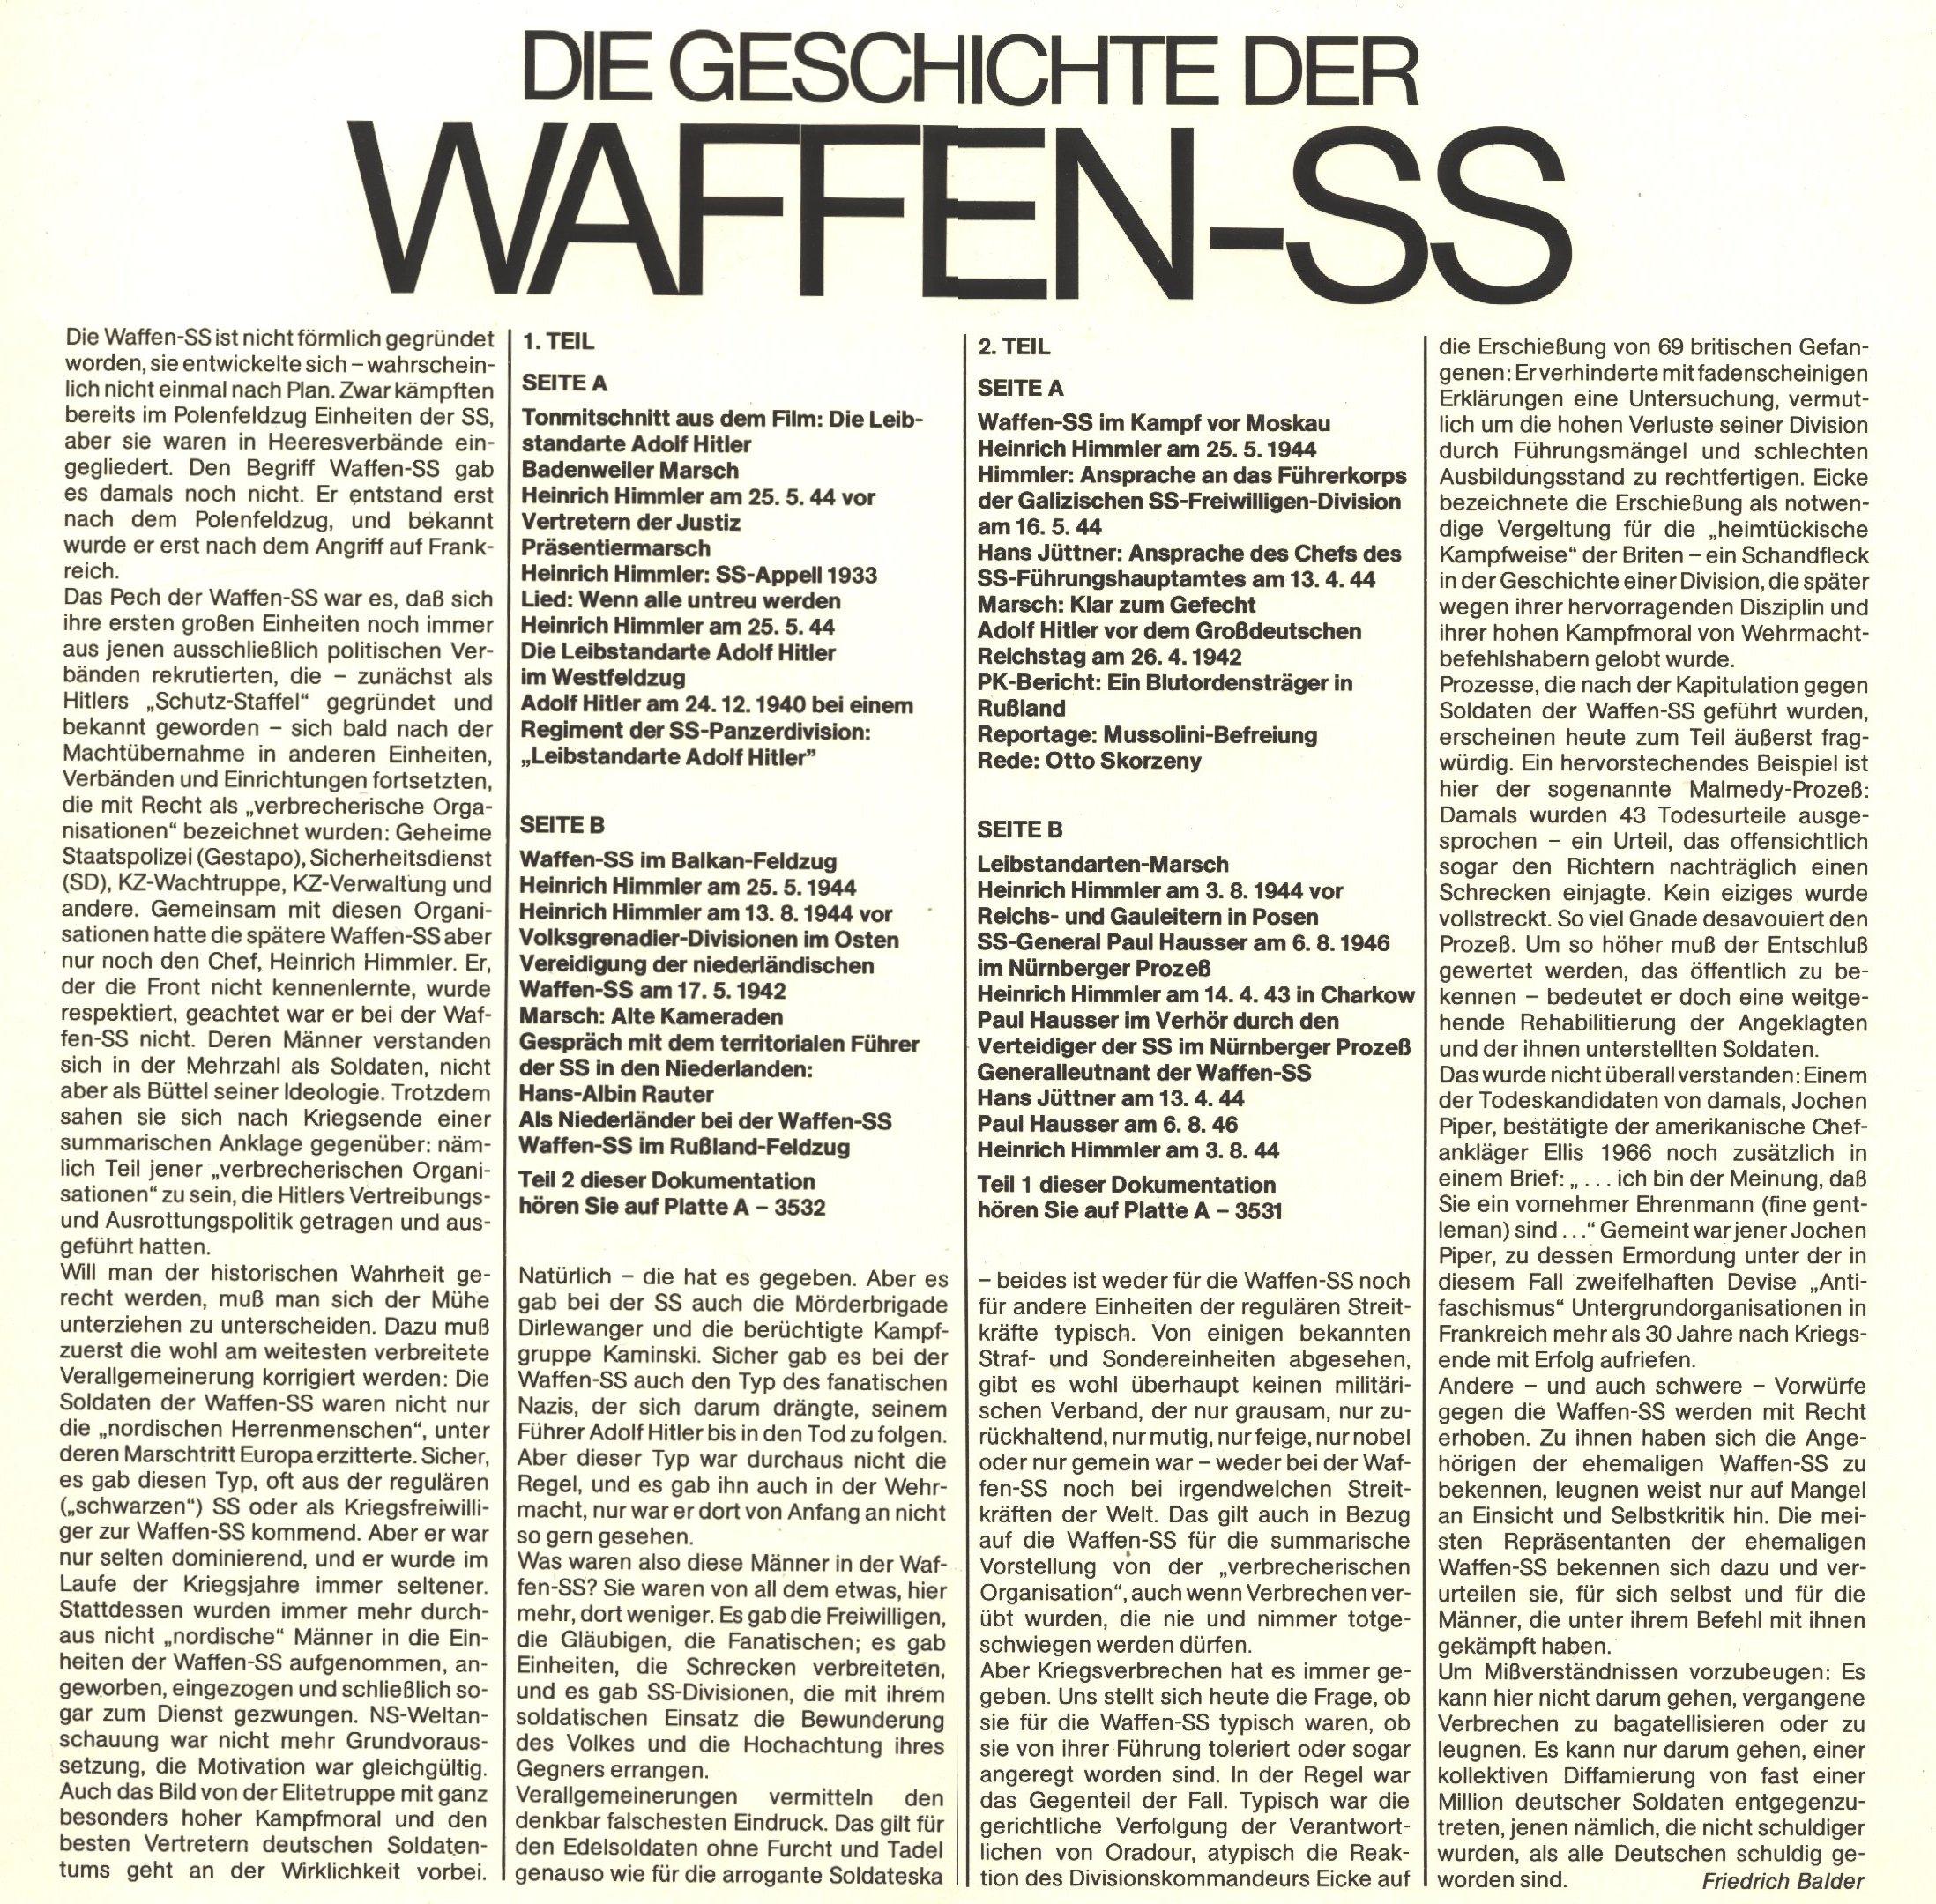 WaffenSS2.jpg